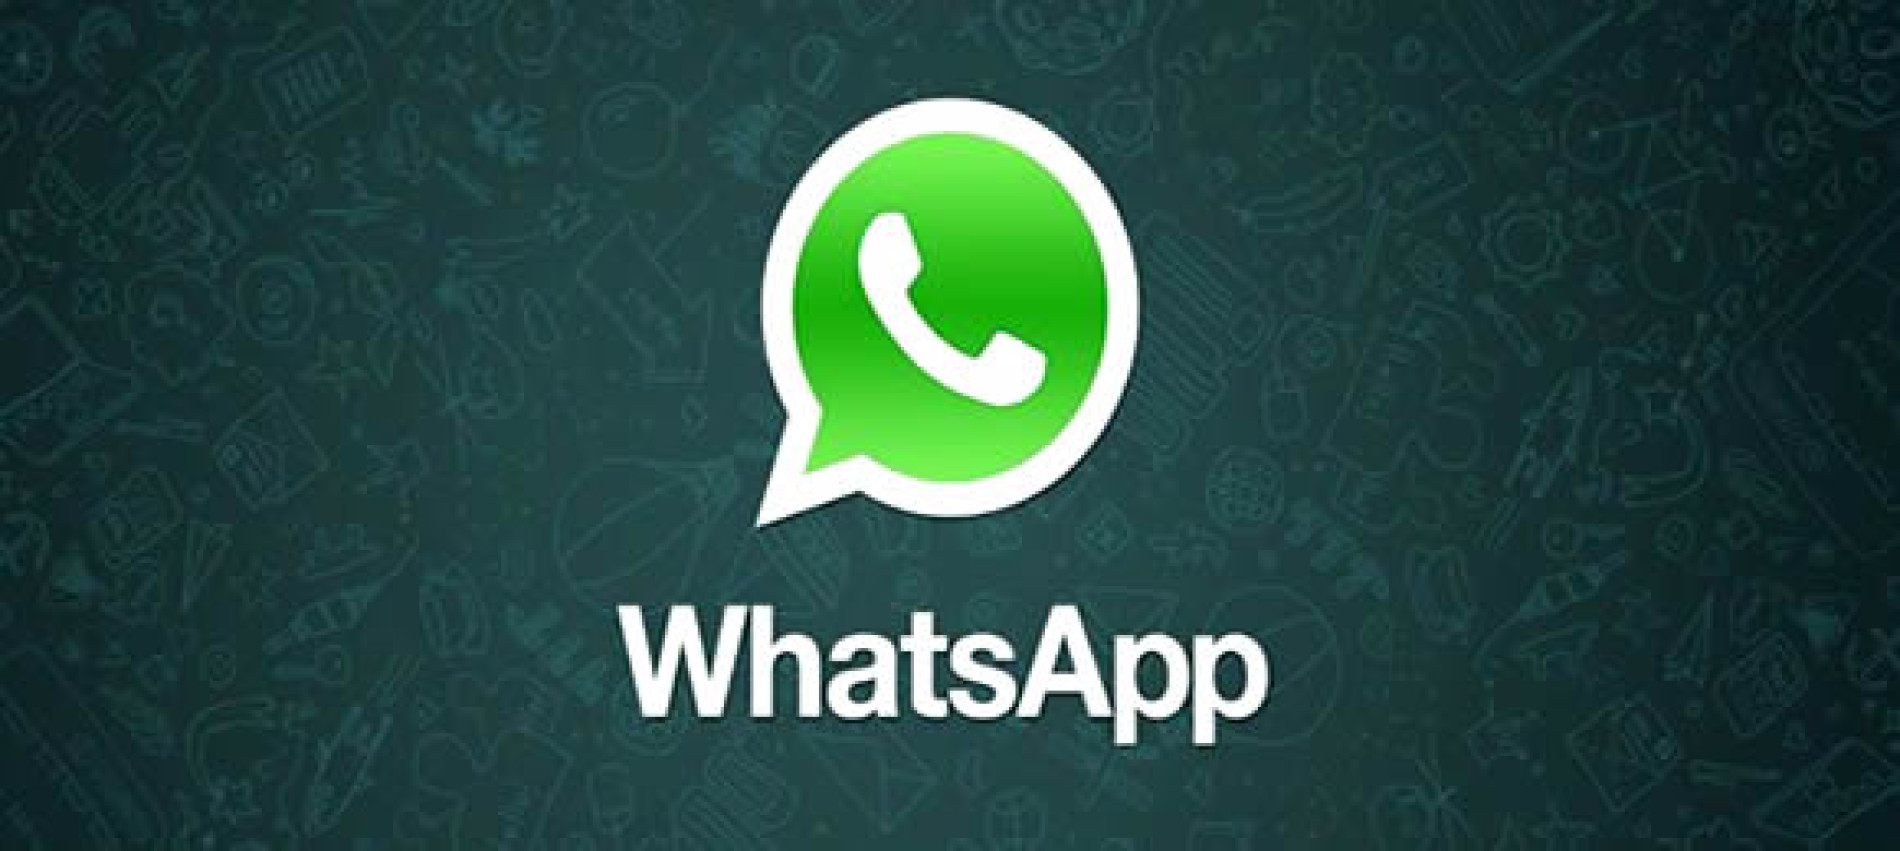 Como fazer para colocar senha no WhatsApp